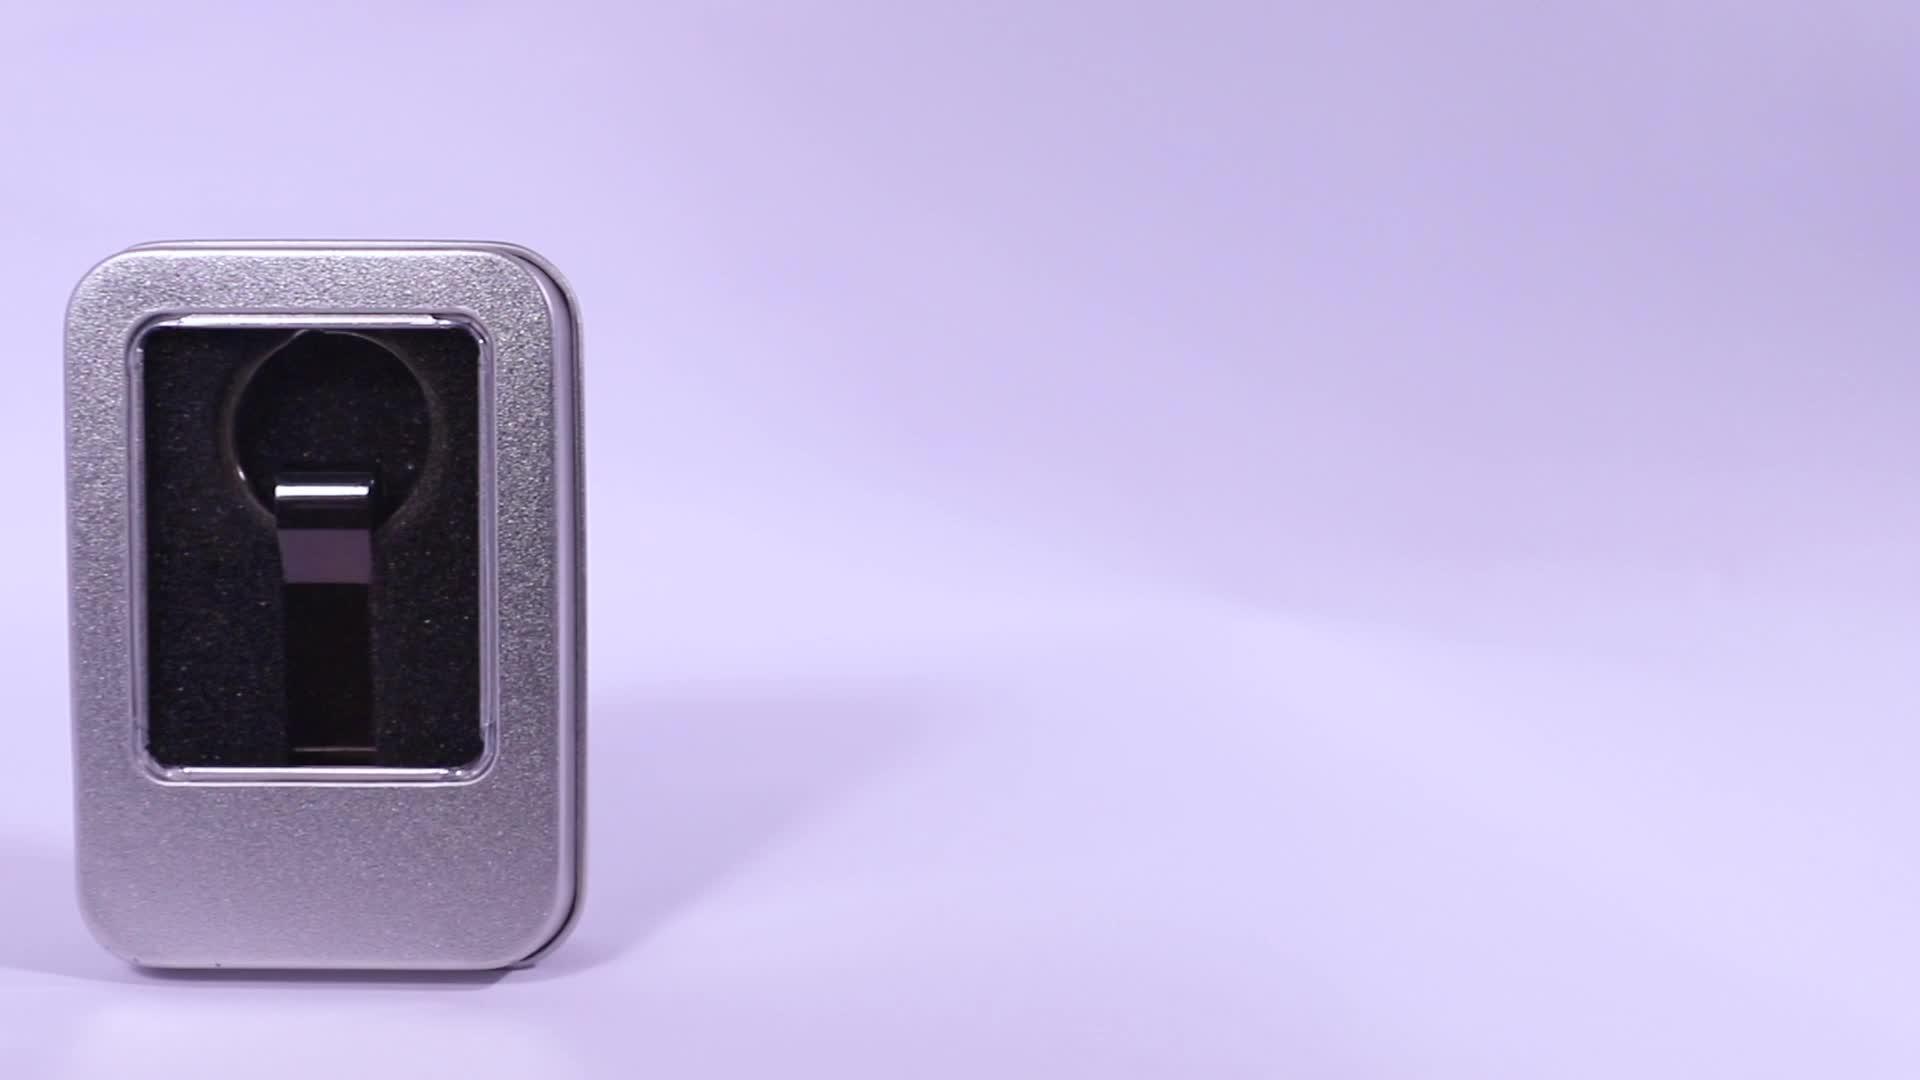 Mini metal 16 gb  pen usb flash drive 2.0  4gb 8gb 16 gb 32g 64gb usb stick pendrive with logo